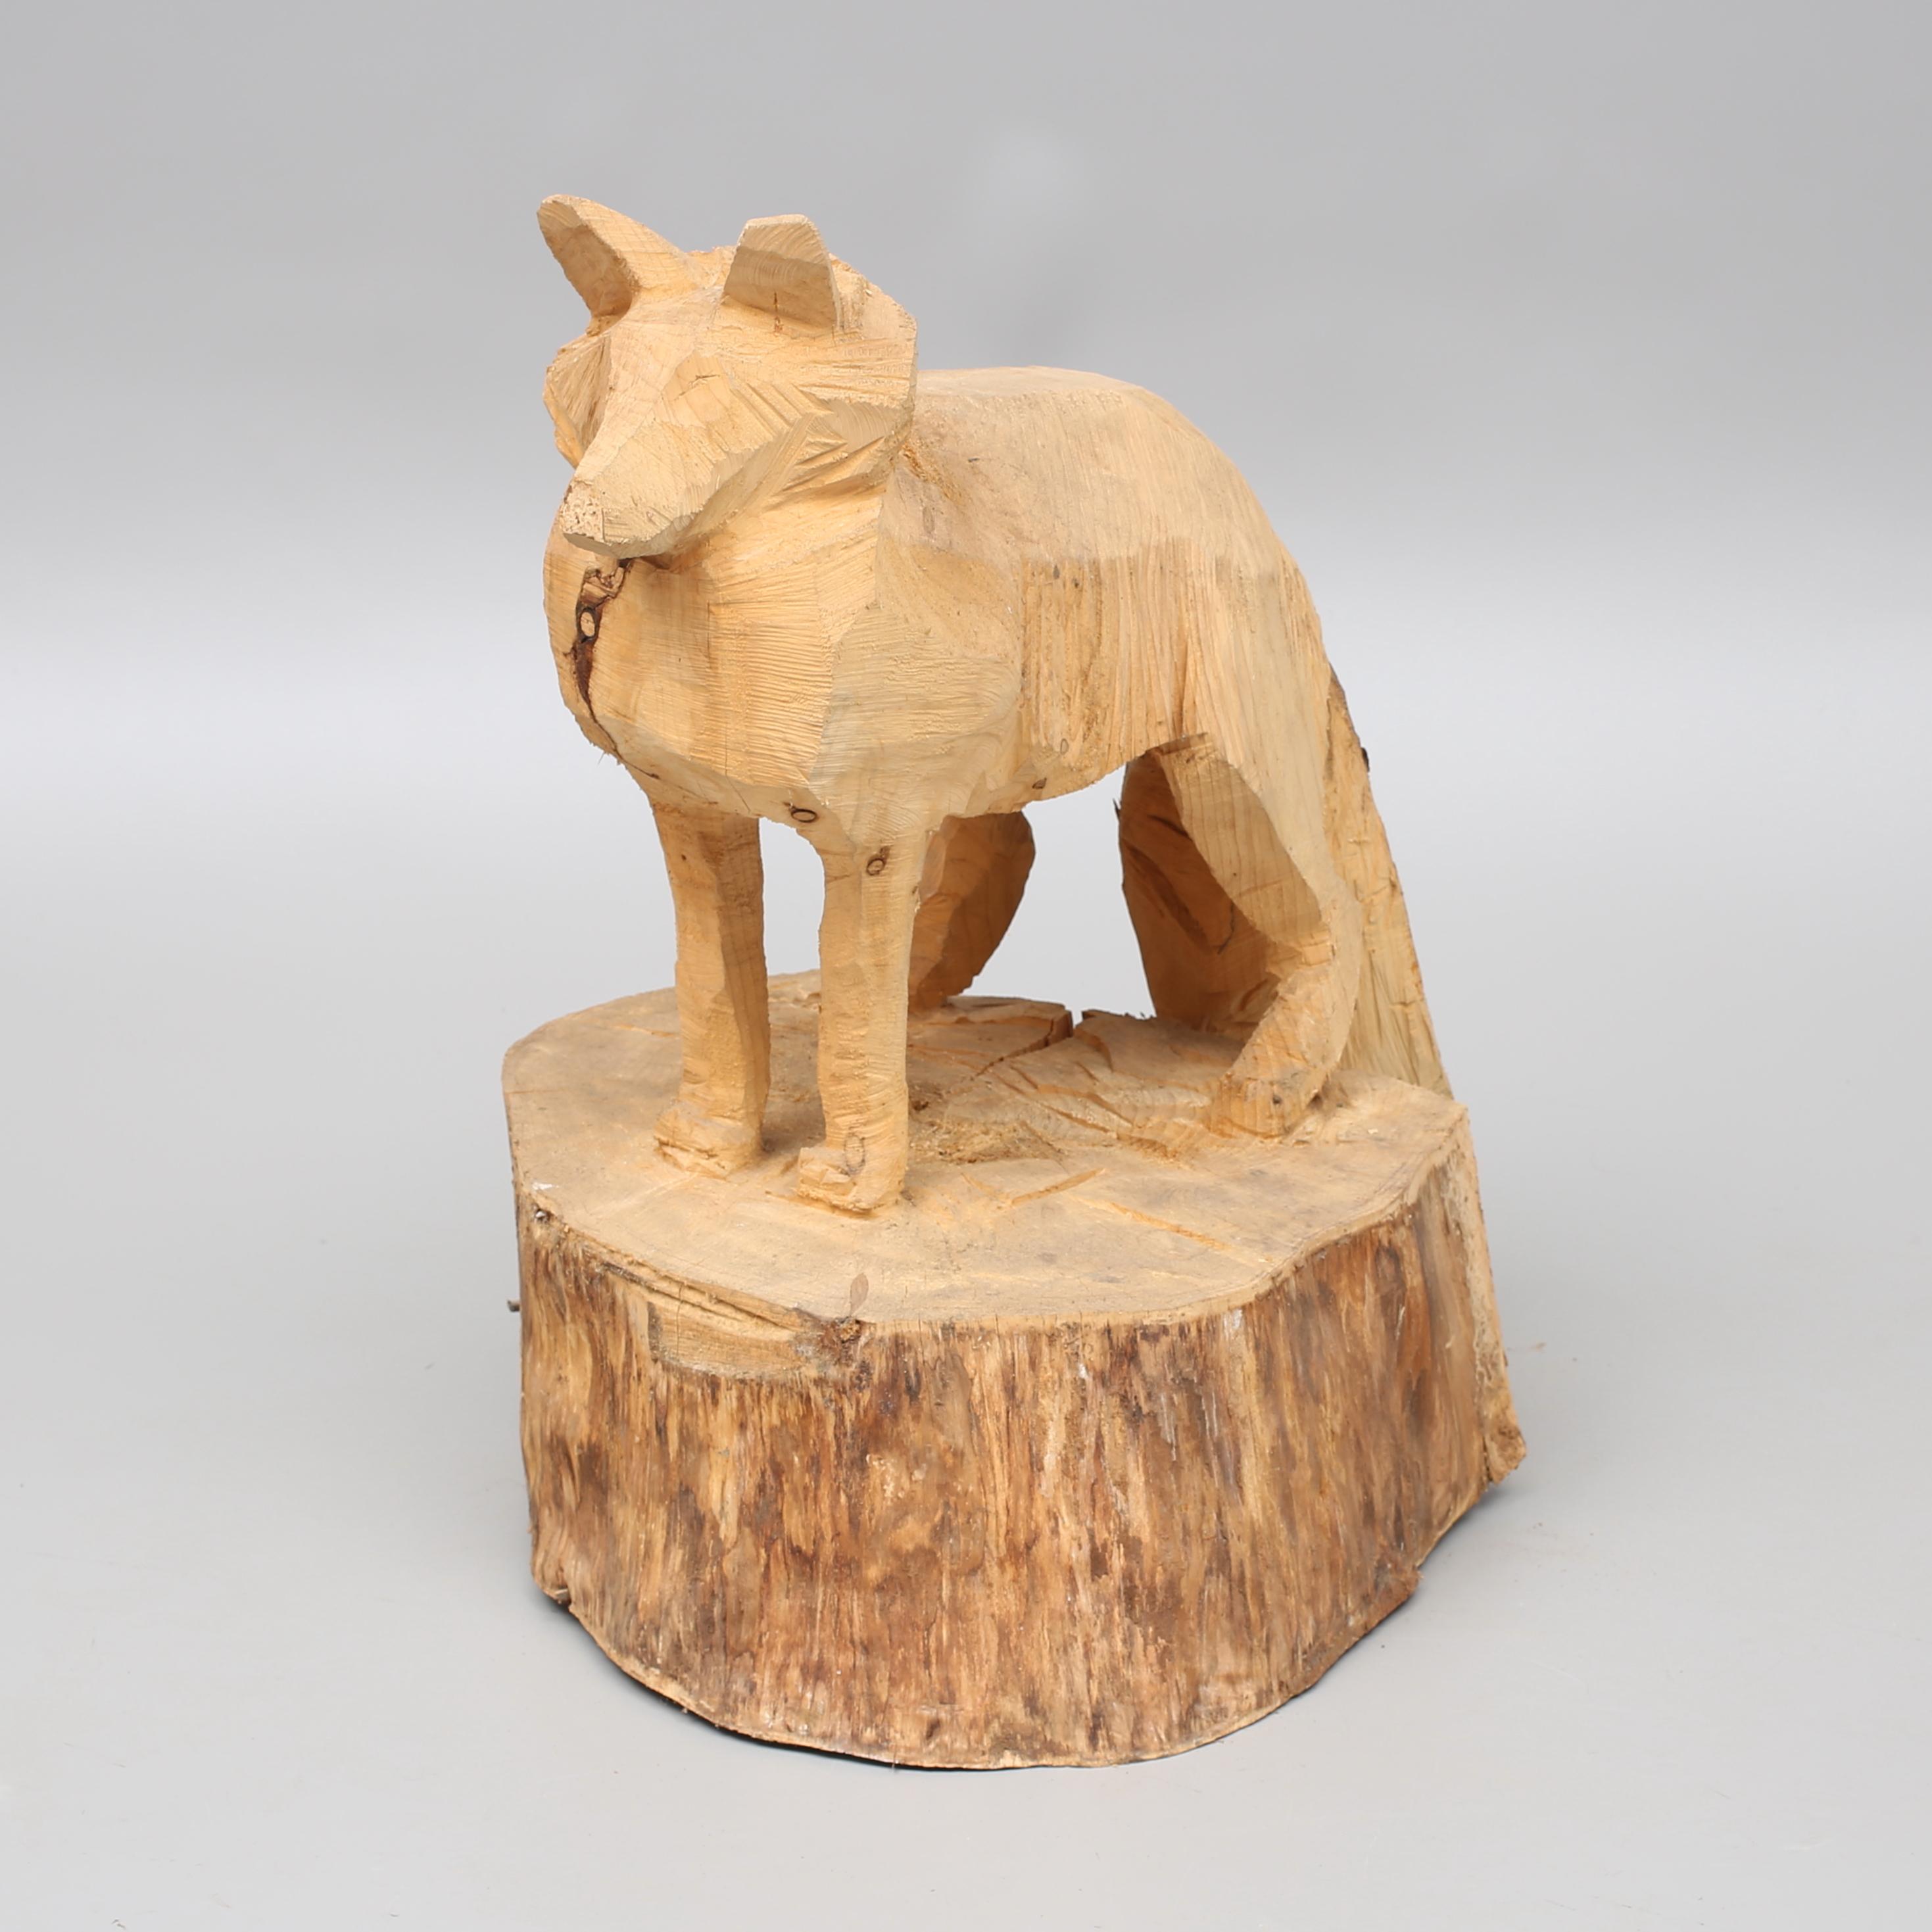 Karl Olof Gustafsson Sculpture Wood Fox Height 85 Cm Art Sculptures Auctionet